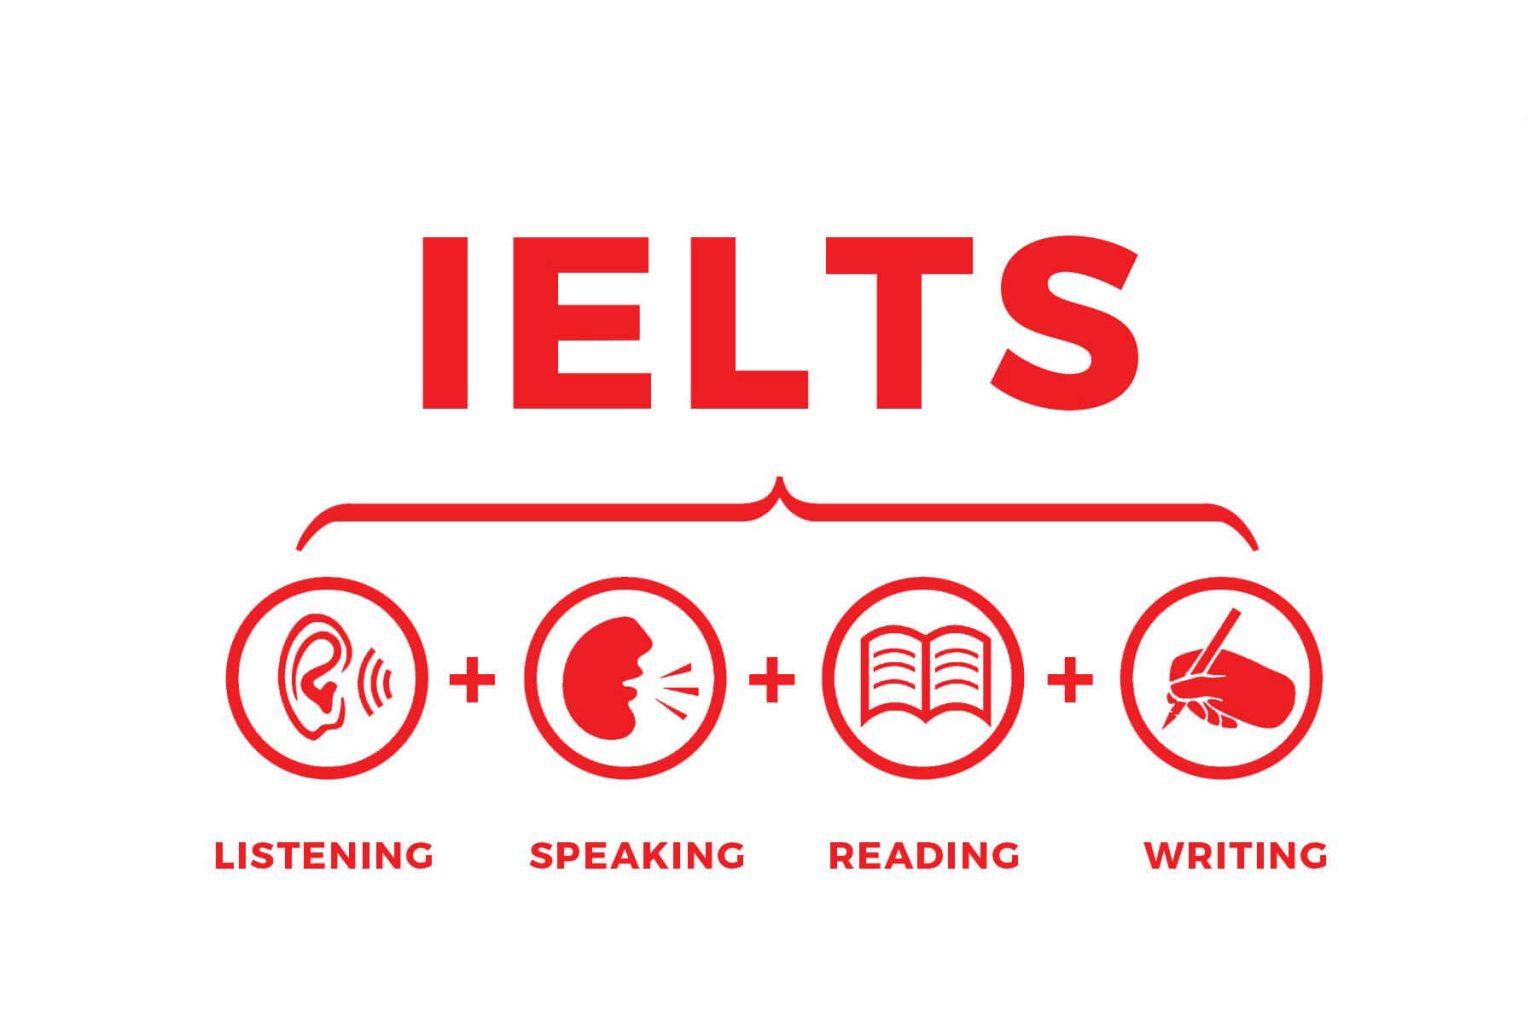 ielts dam bao - Tiếng Anh Giao Tiếp - Học IELTS - Luyện thi IELTS ở tại Đà Nẵng - Anh Ngữ UEC